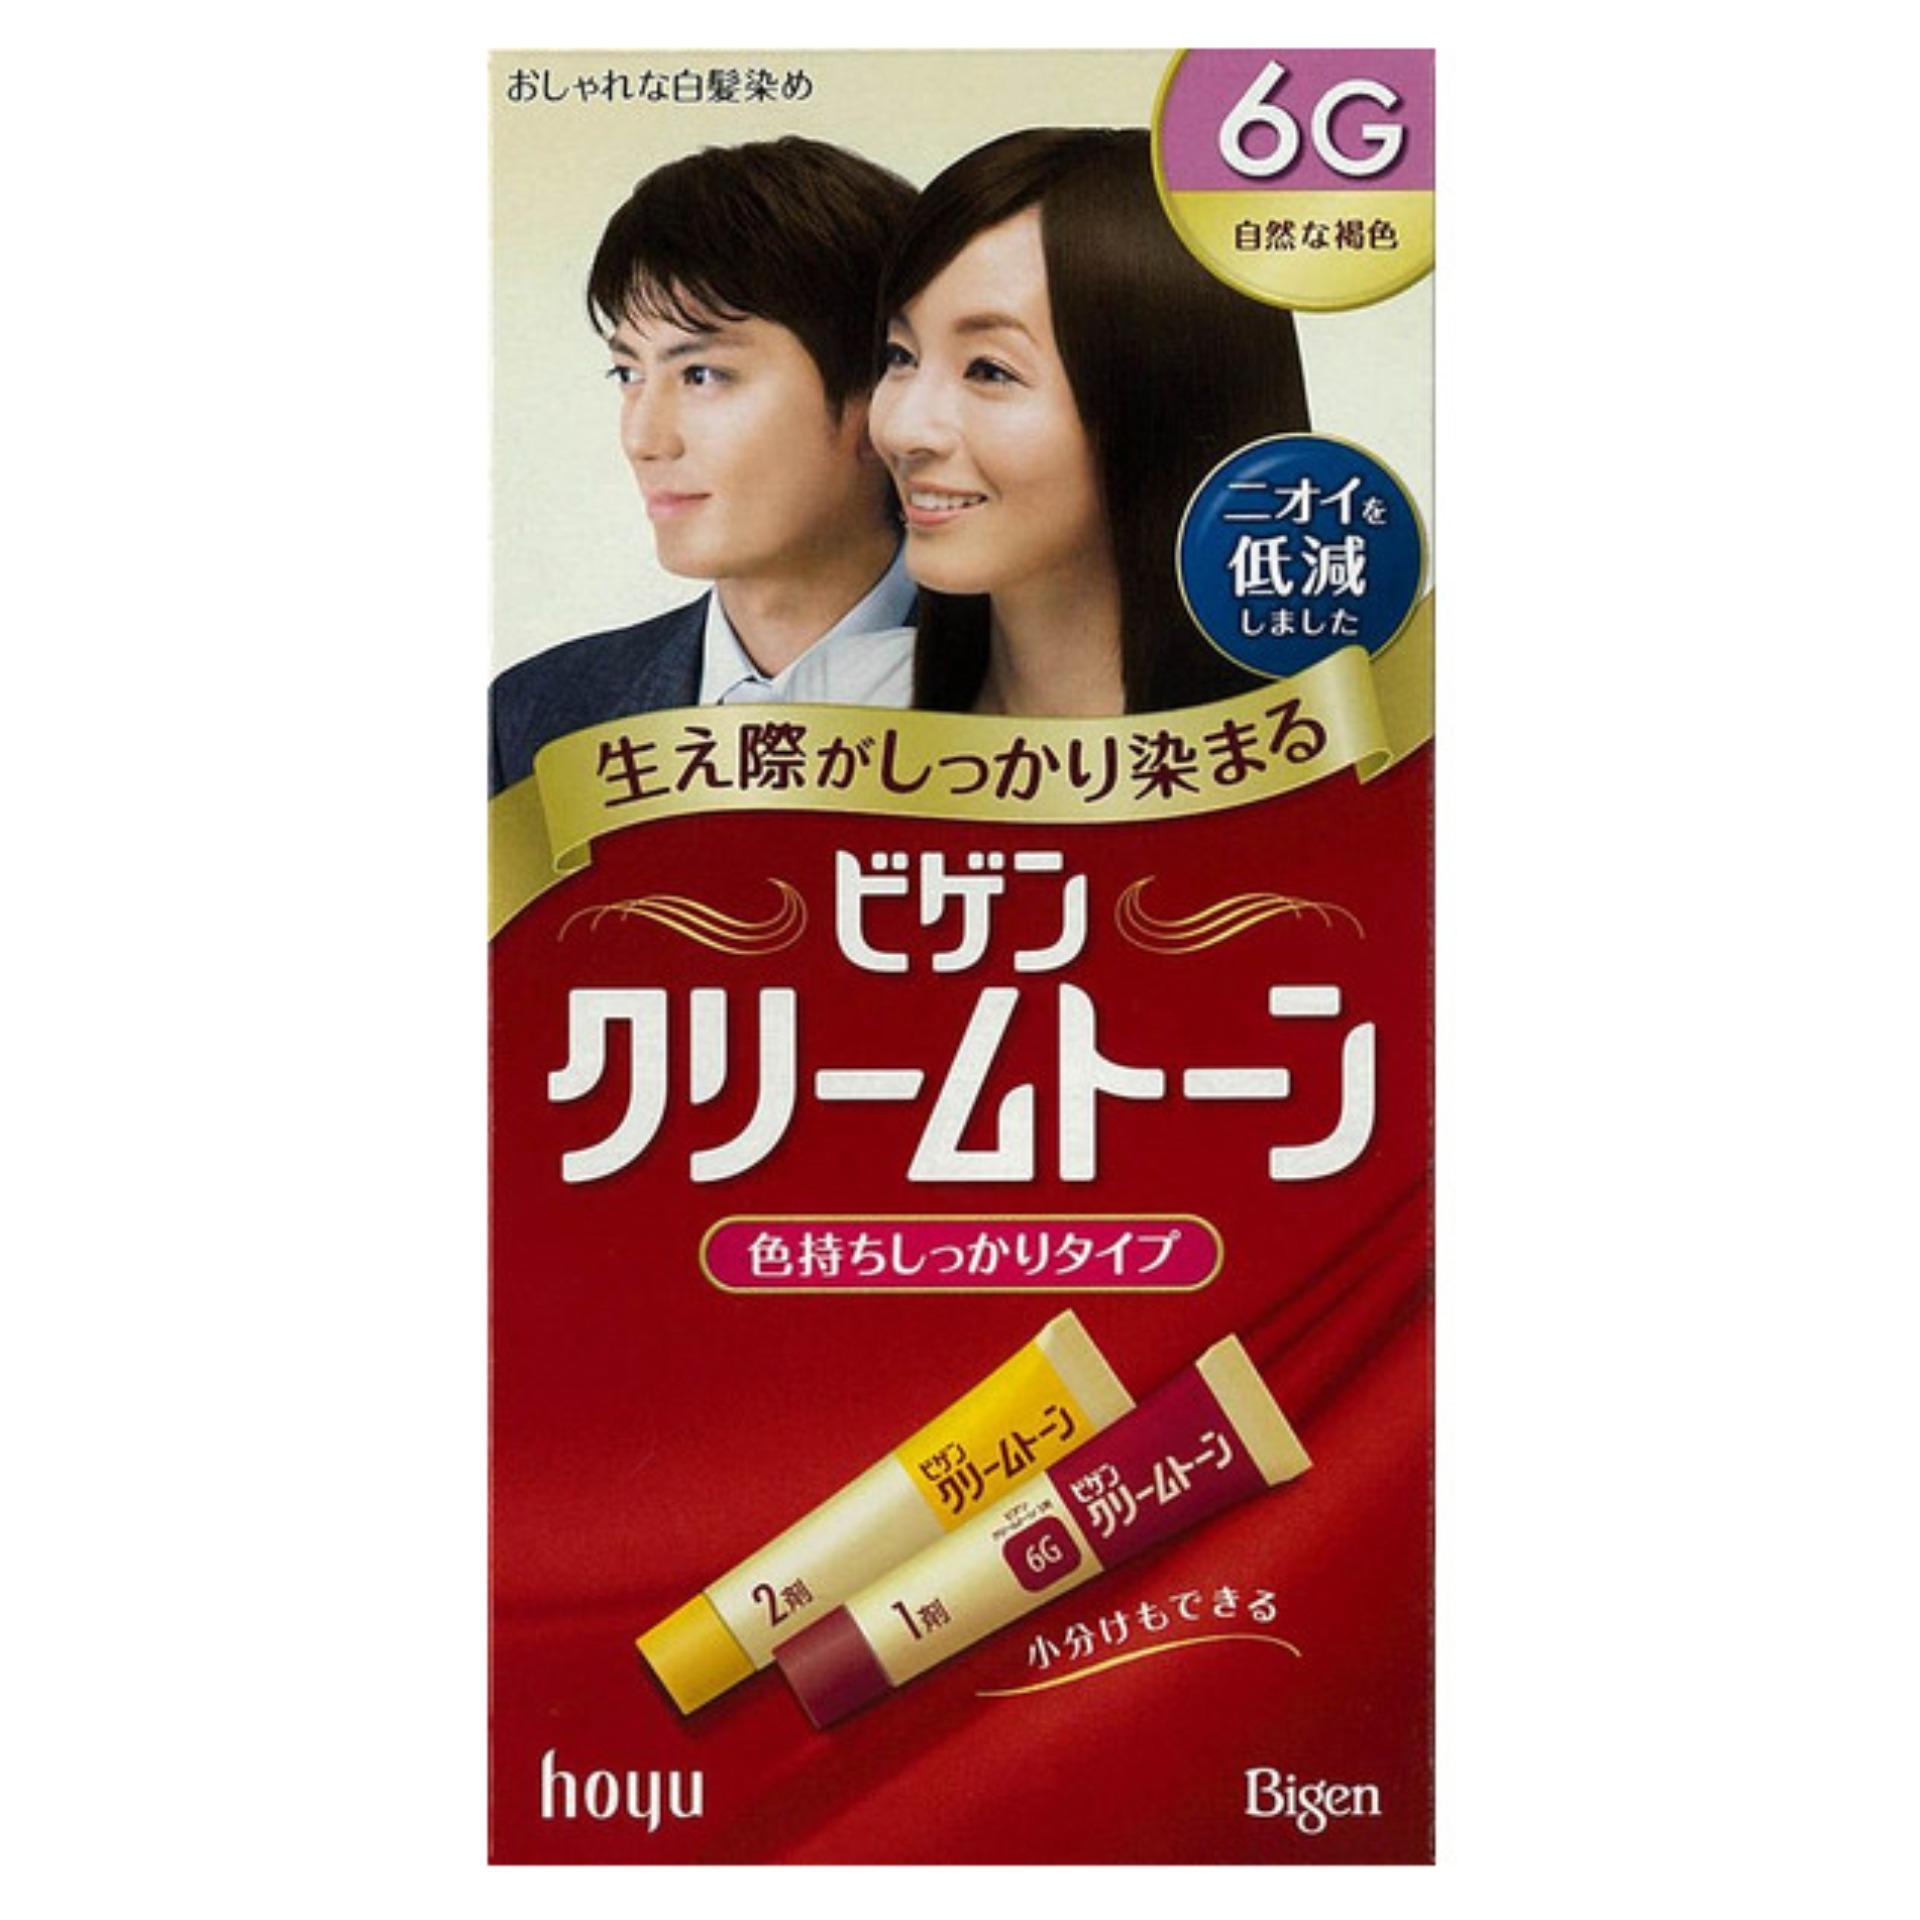 Thuốc nhuộm tóc phủ bạc Bigen 100% tự nhiên tuýt 6G( đen tự nhiên) hàng nhập khẩu Nhật Bản